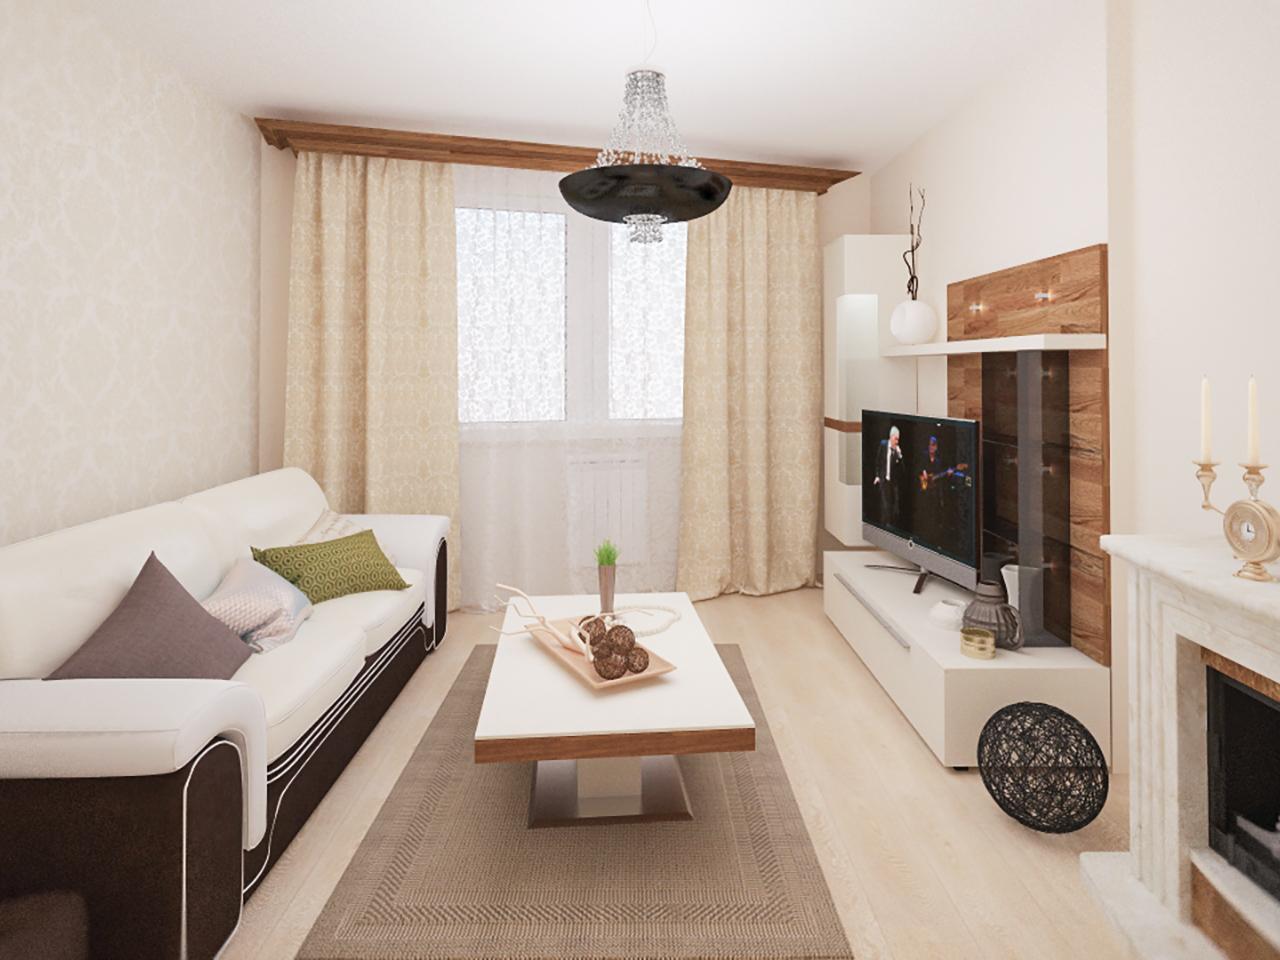 Дизайн интерьера 2-х комнатной квартиры по пр. Дзержинского, 122